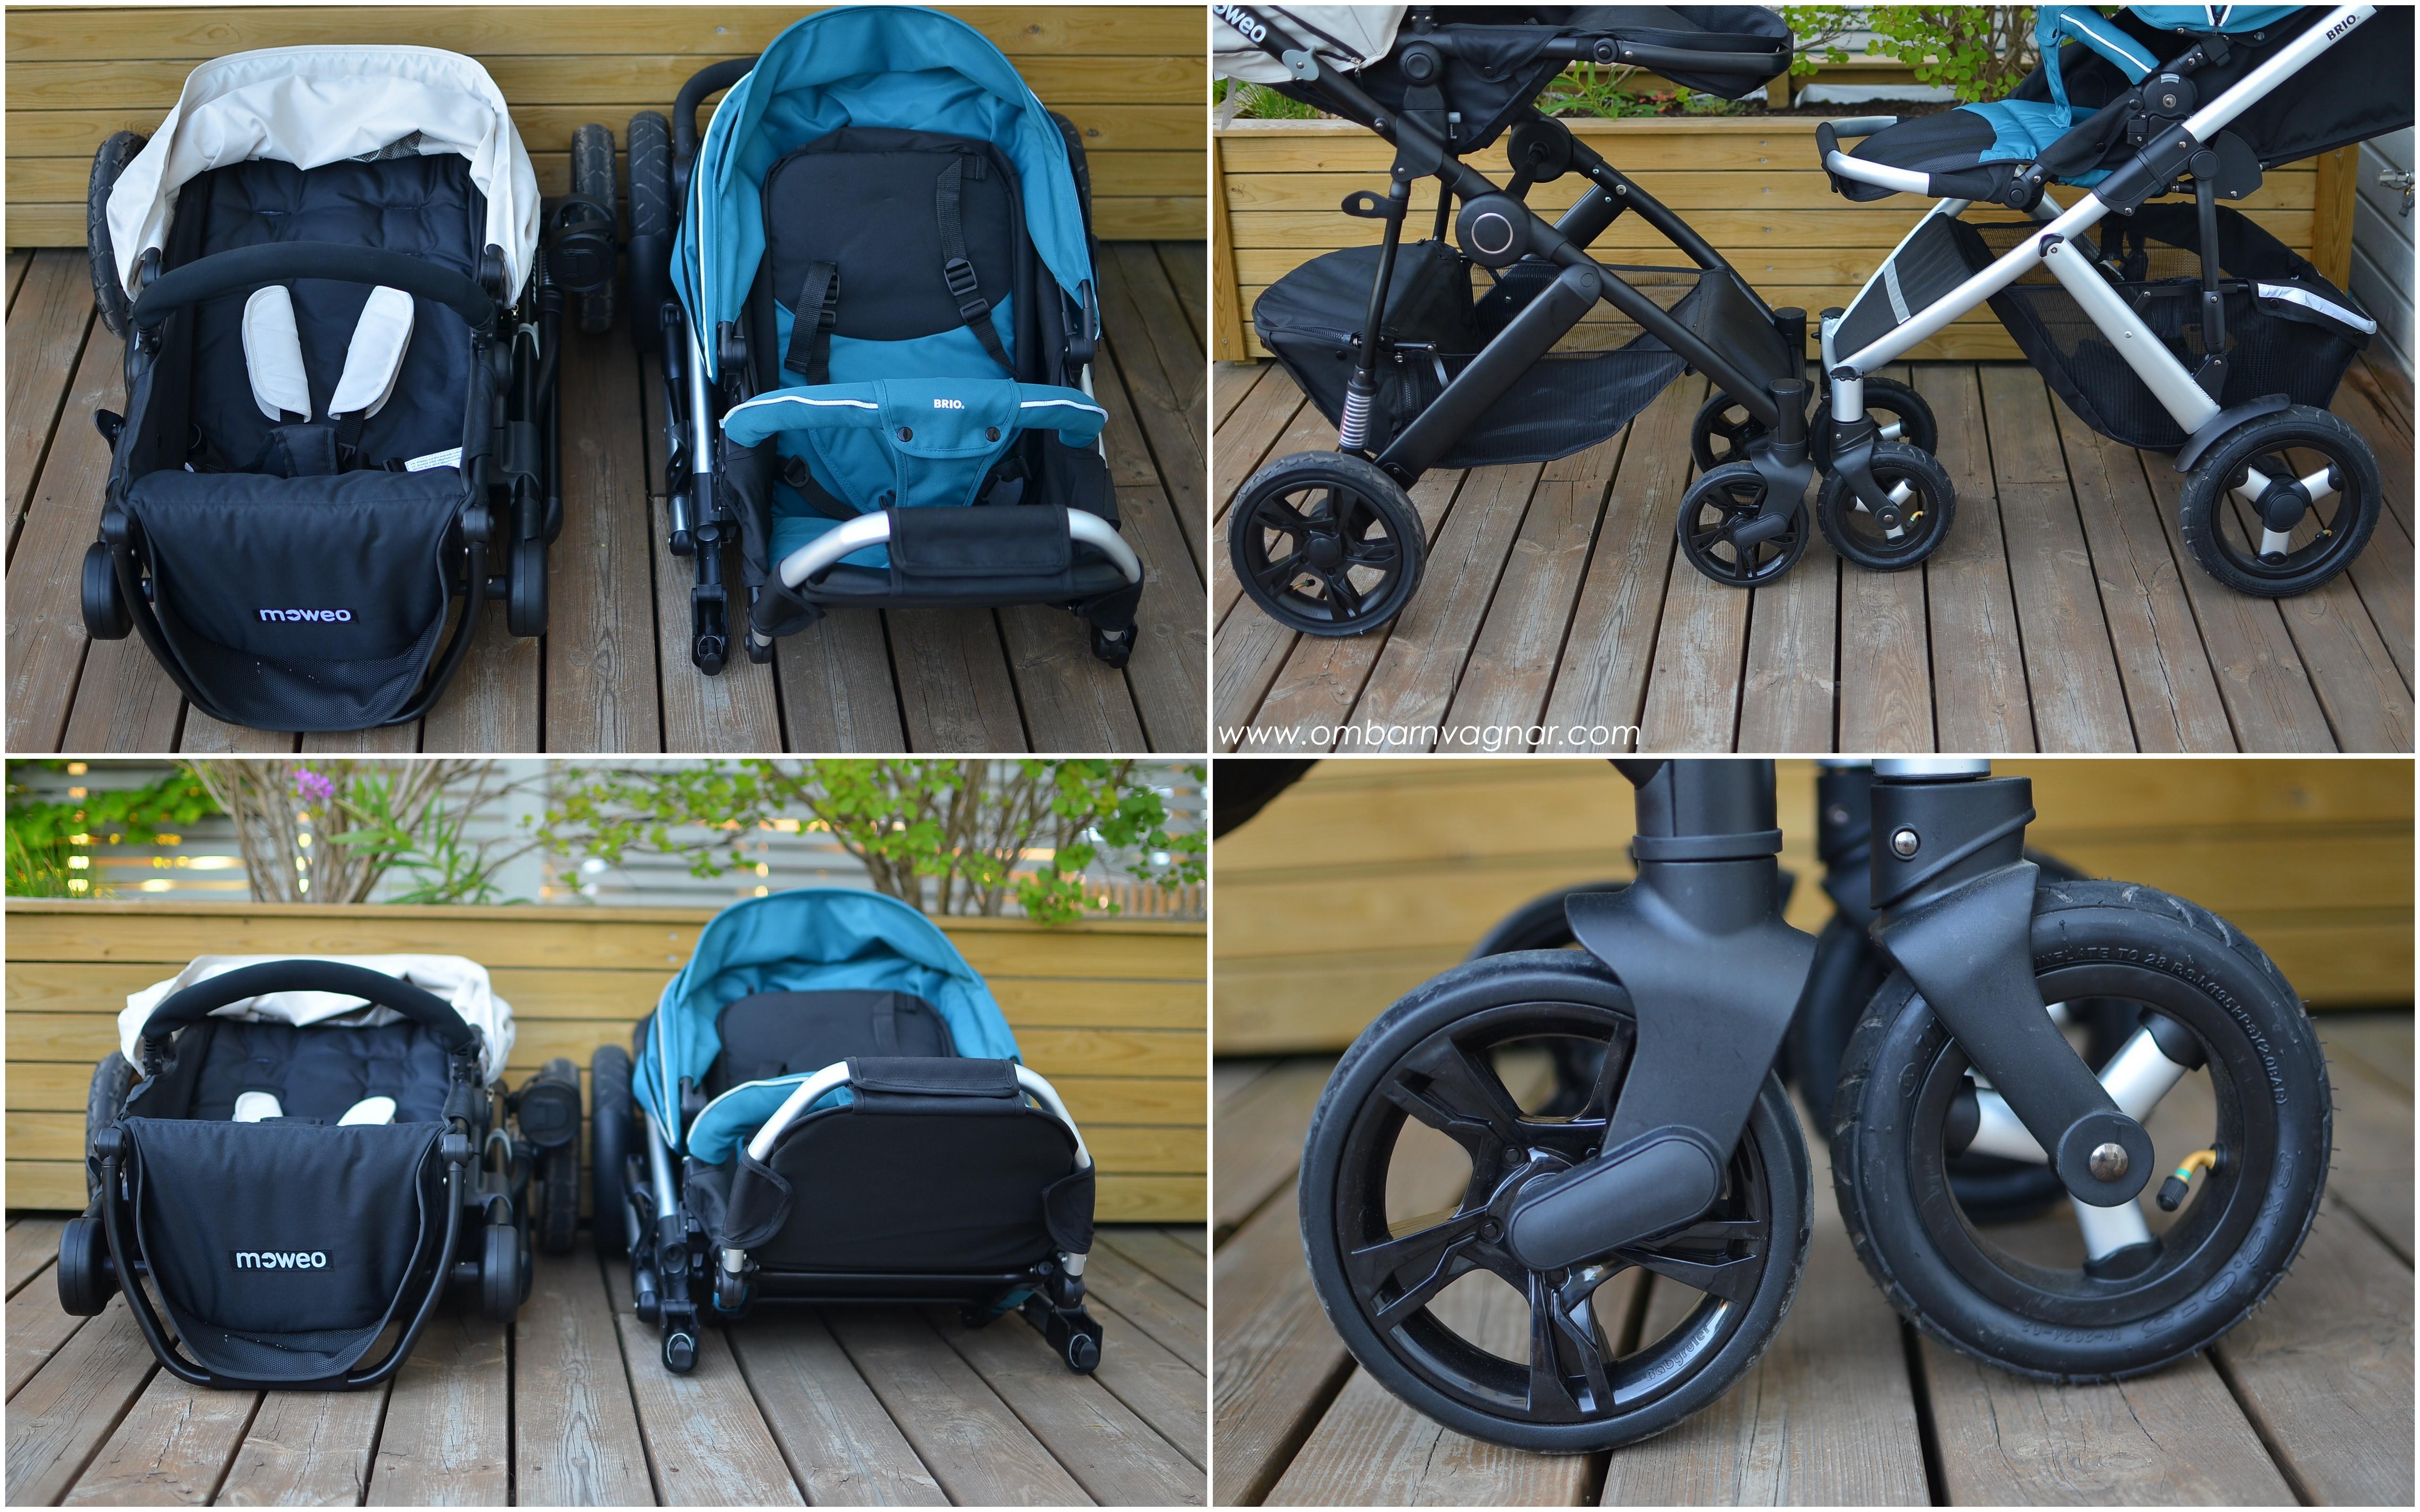 Brio-Smile-vs-Moweo-Curro-ihopfällning-hjul